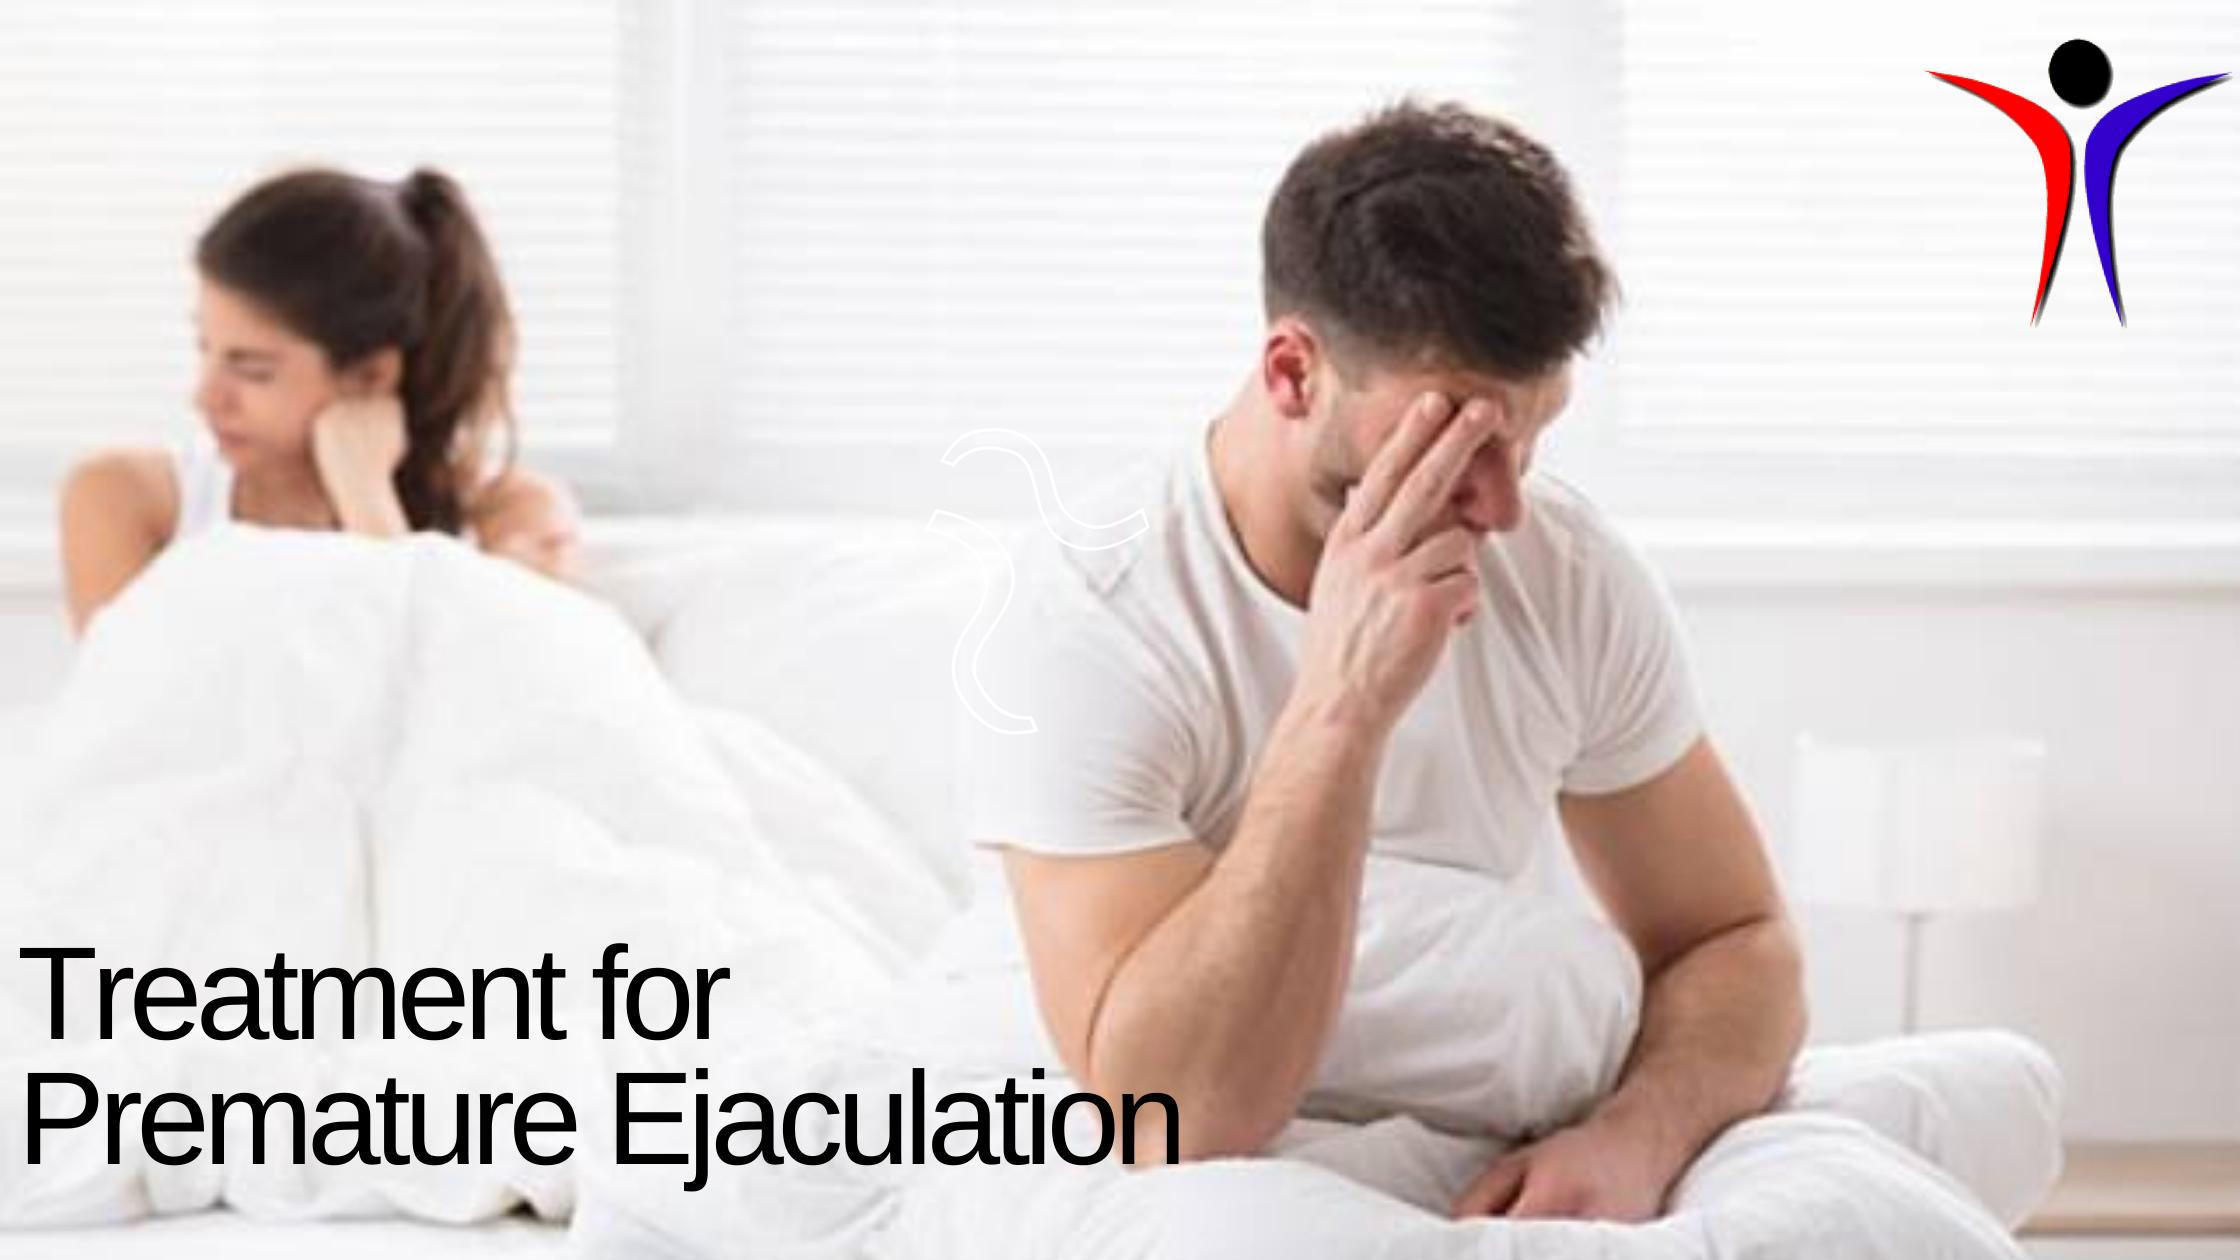 Premature Ejaculation, Shighrpatan ka Ayurvedic ilaj in panipat, Shighrpatan k Lakshman in Hindi, Premature Ejaculation , Shighrpatan kise khte hai, Treatment-for-Premature-Ejaculation